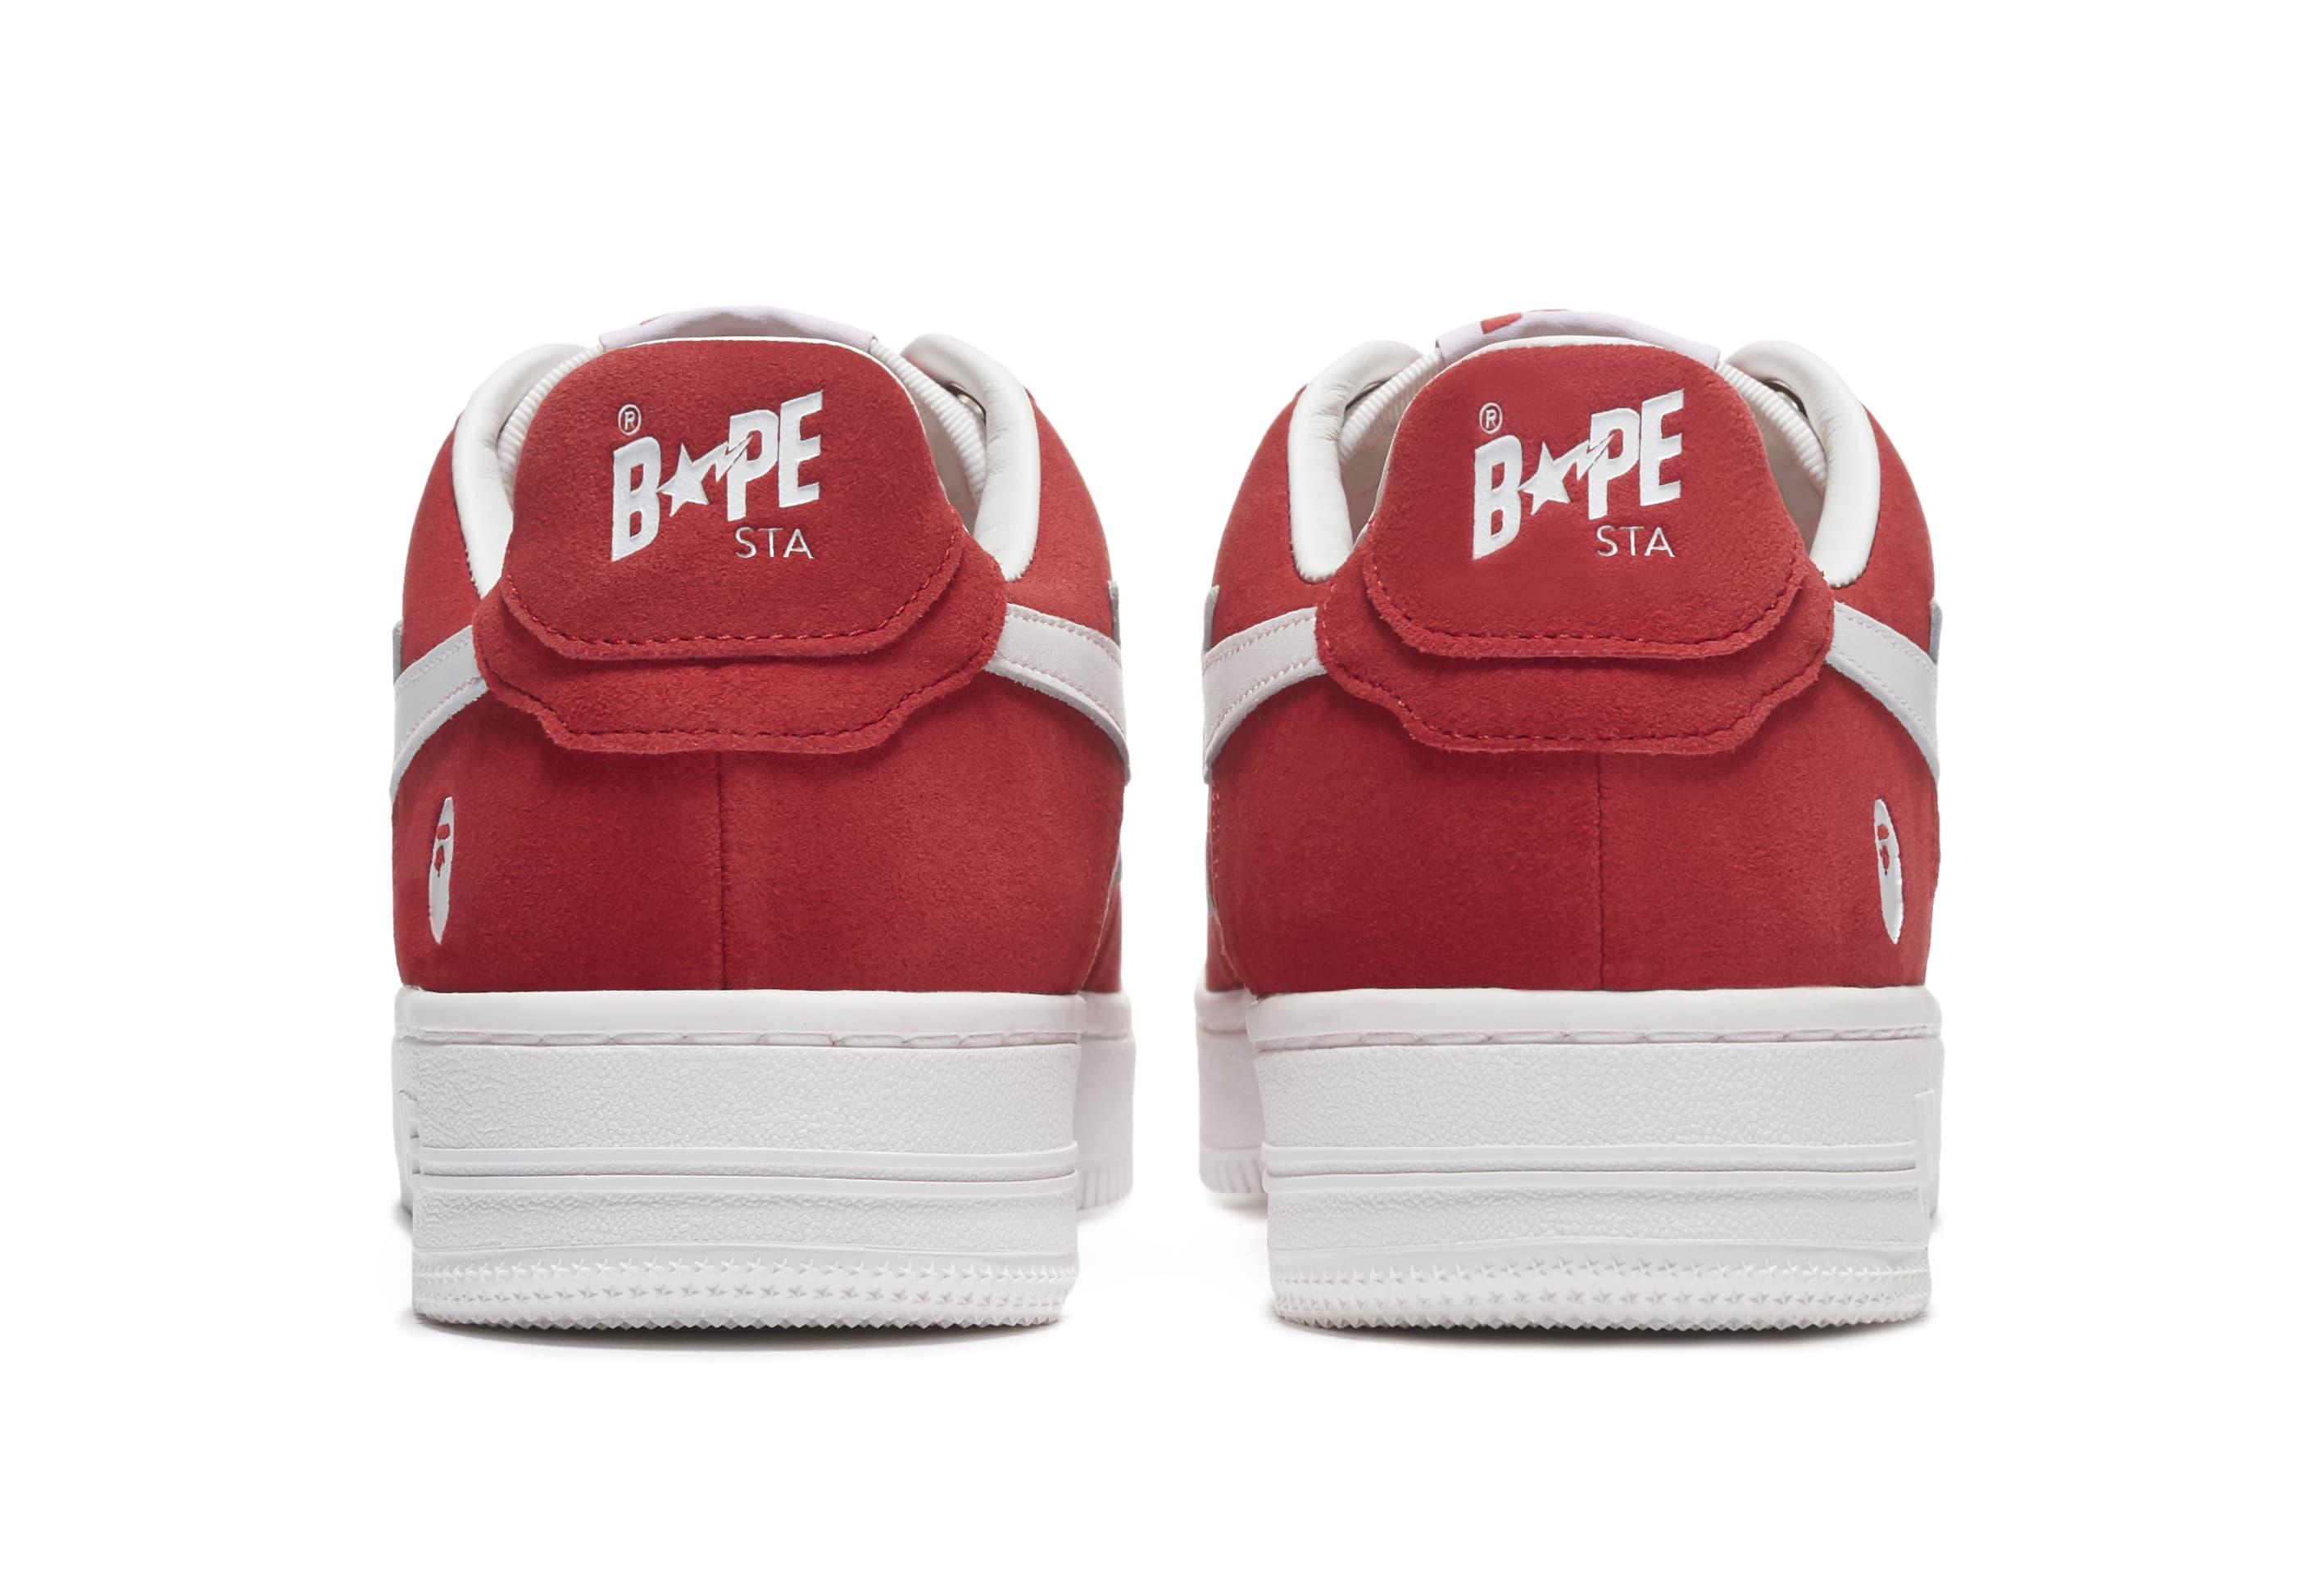 Bape Sta Suede 'Red' Heel